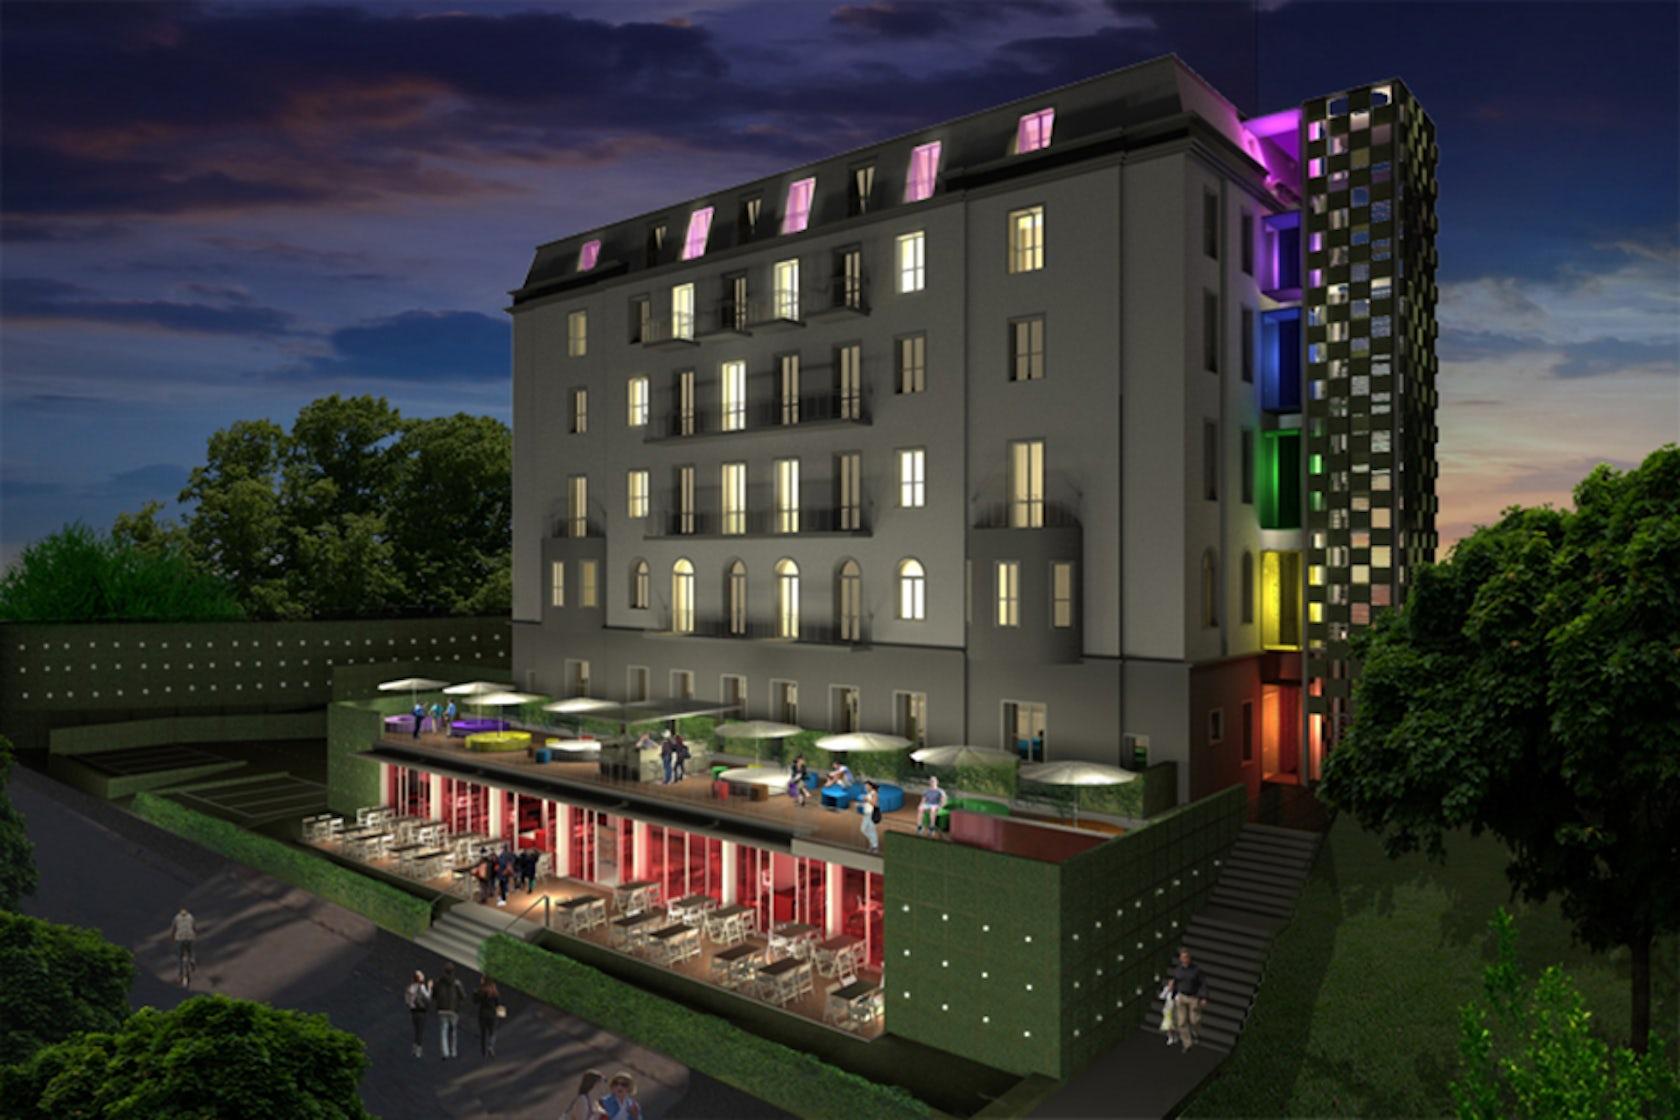 Hostel link architizer for Design hostel milano